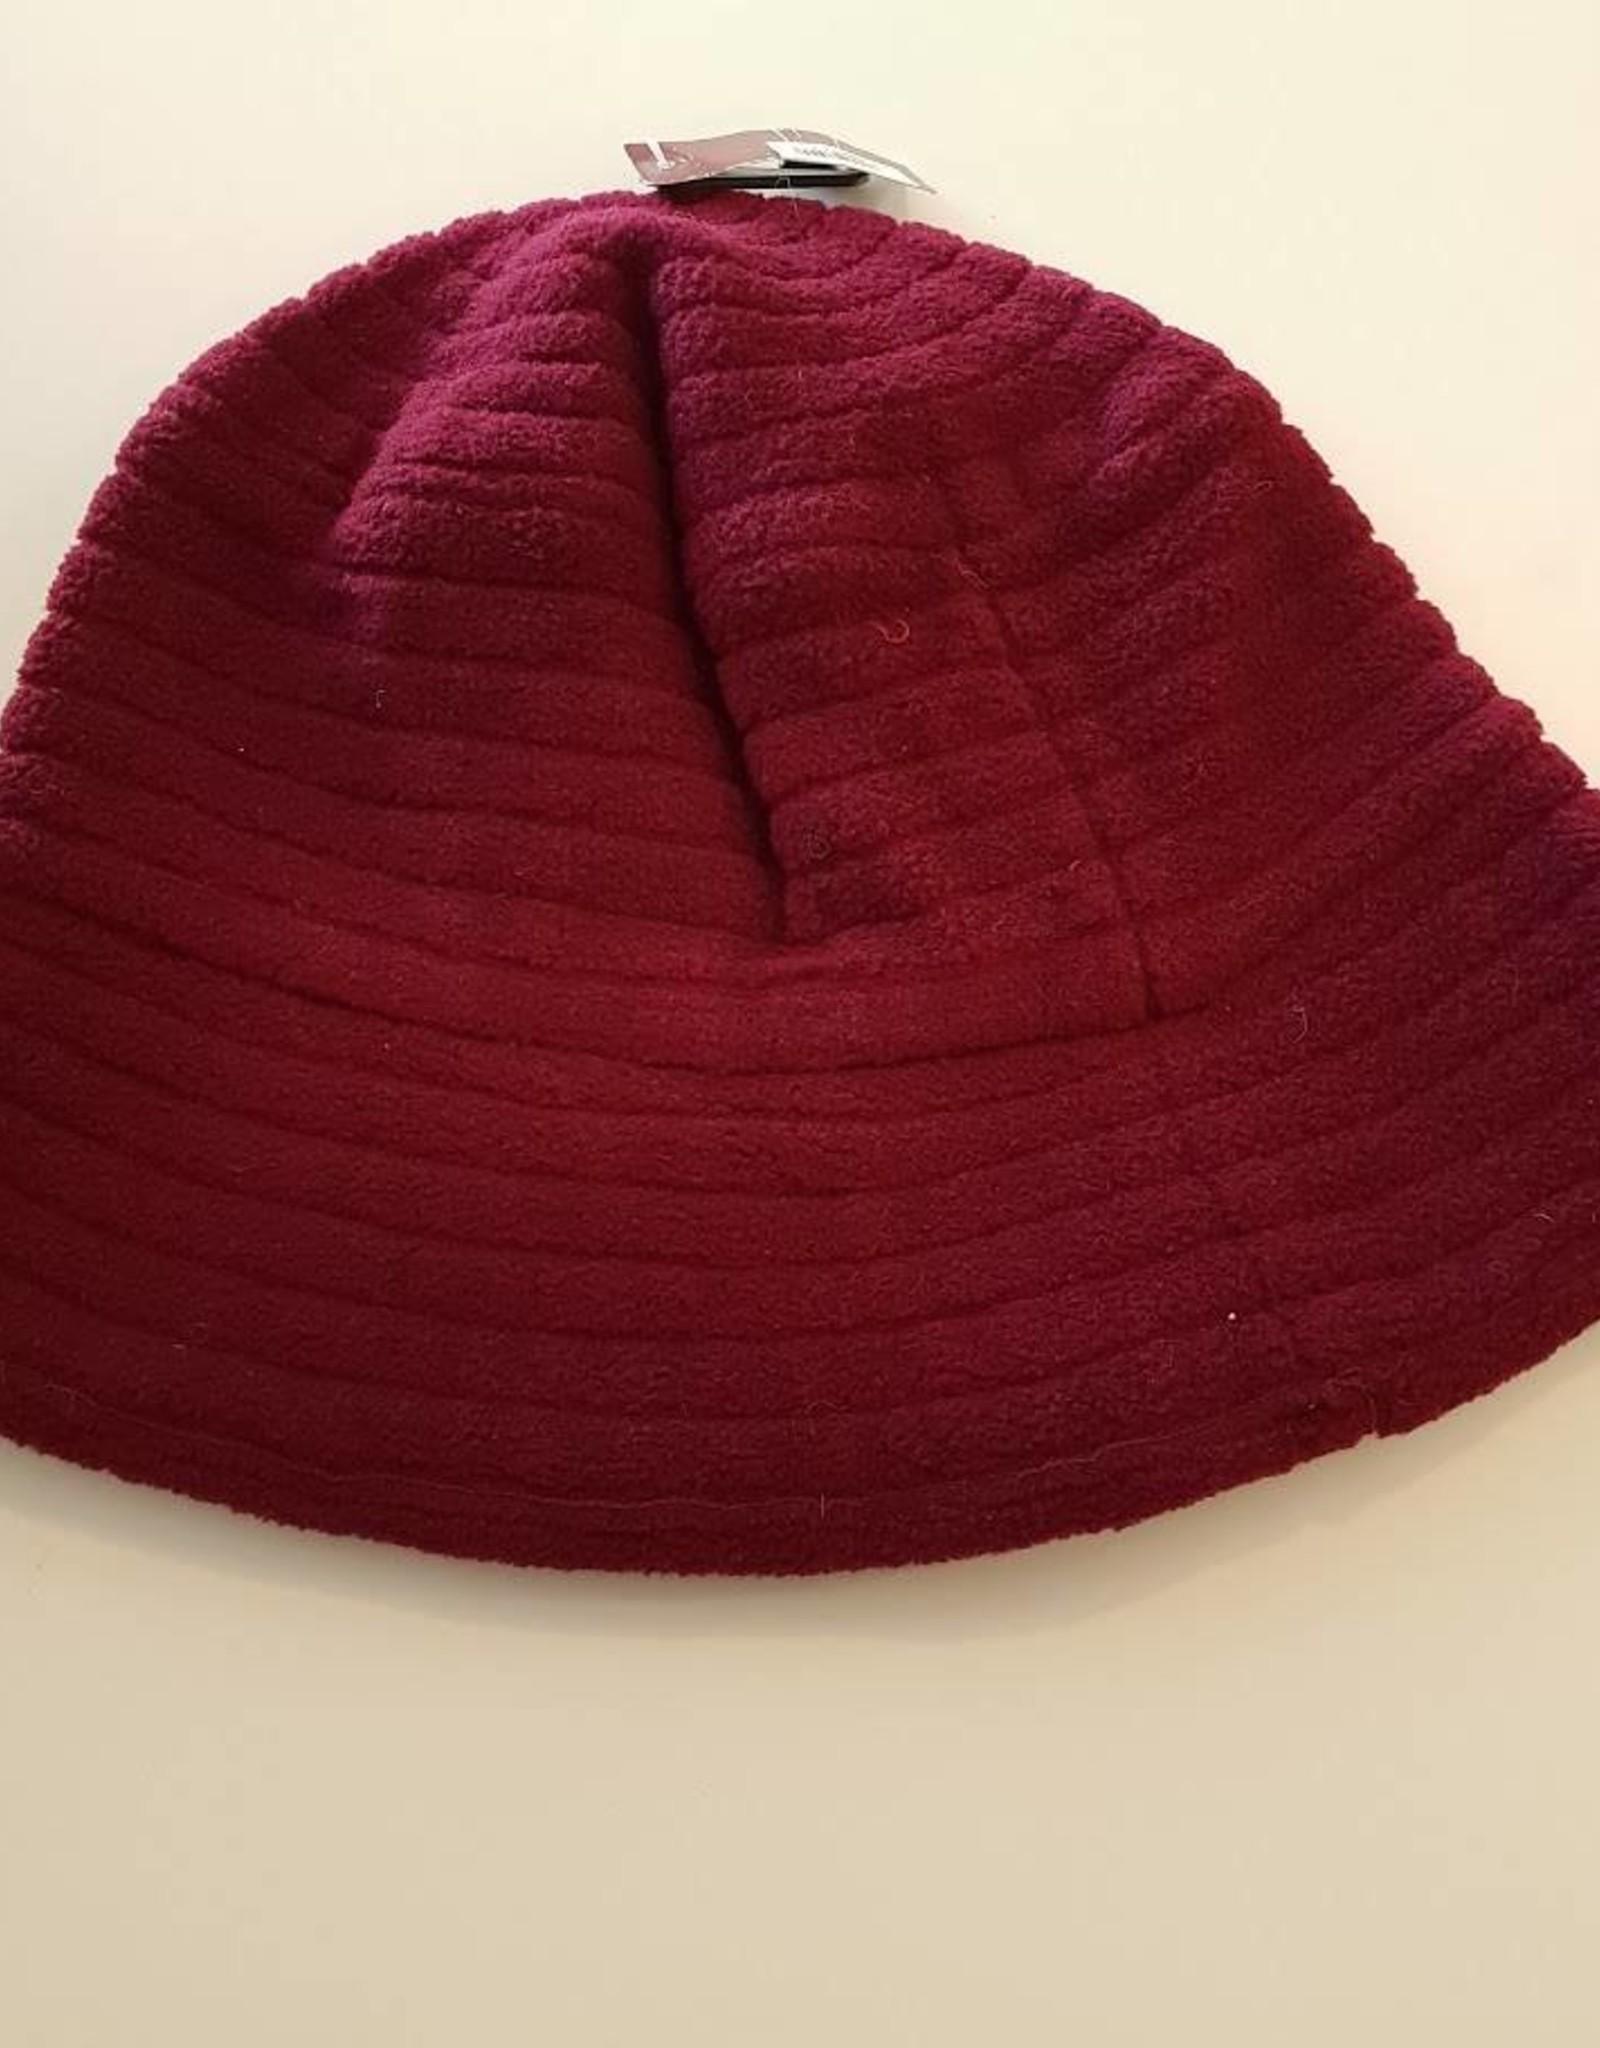 Polar Fleece Hat-Burgundy - 56